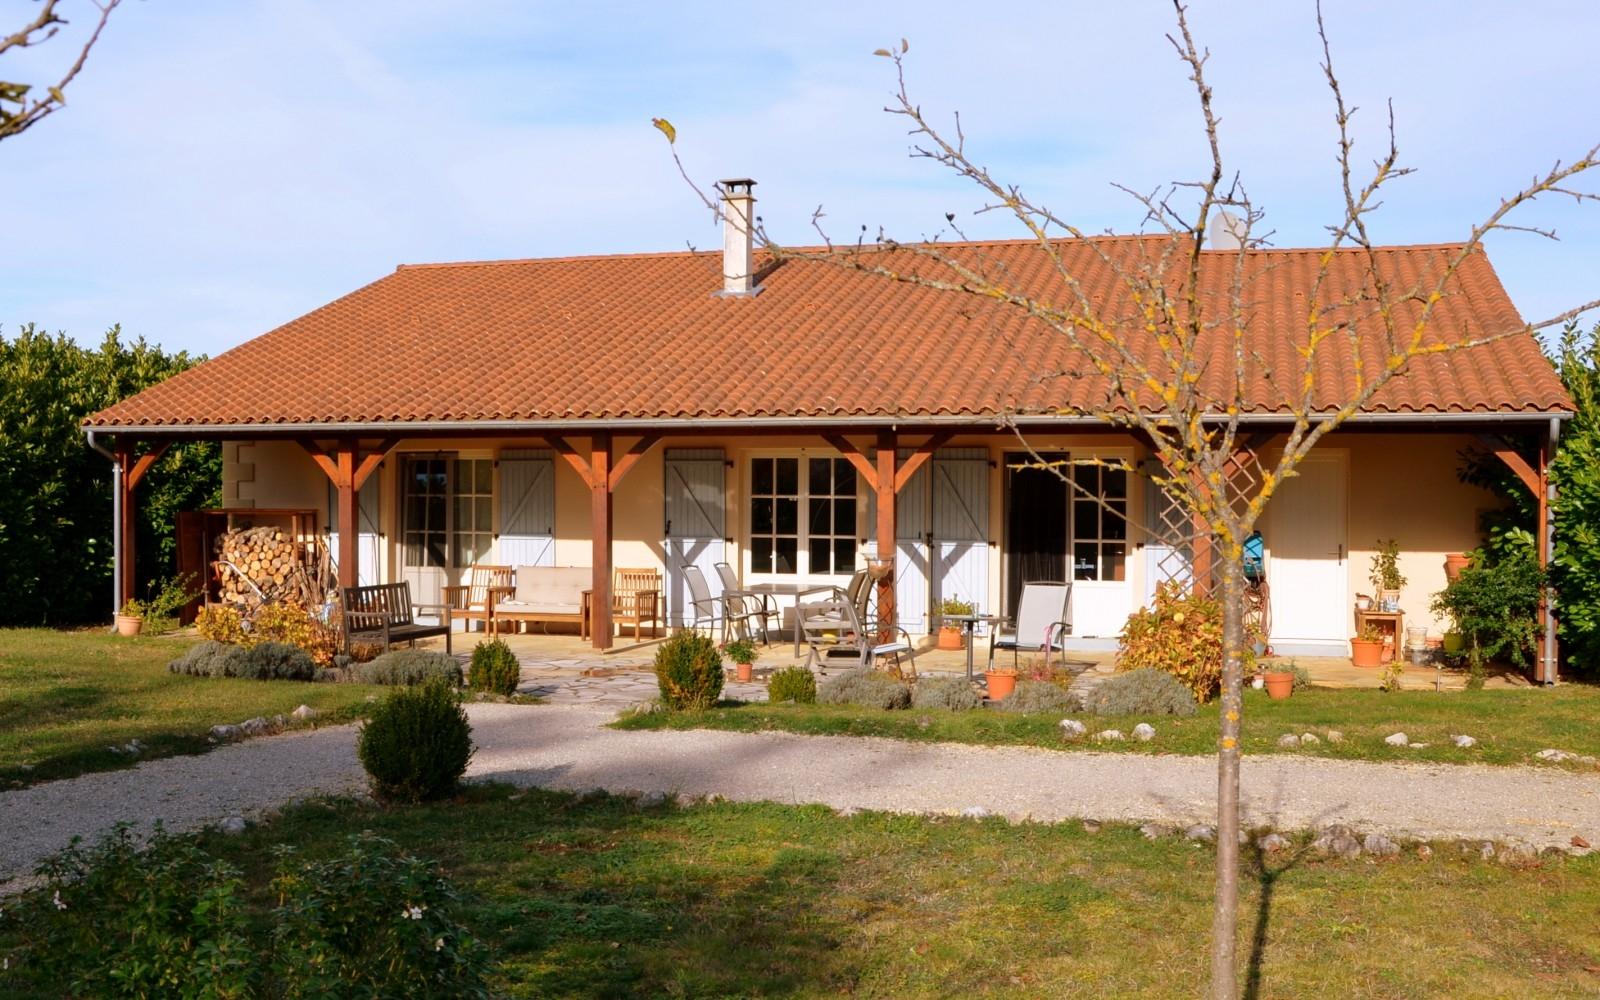 Beleggen of een vakantiehuis kopen in de Dordogne?